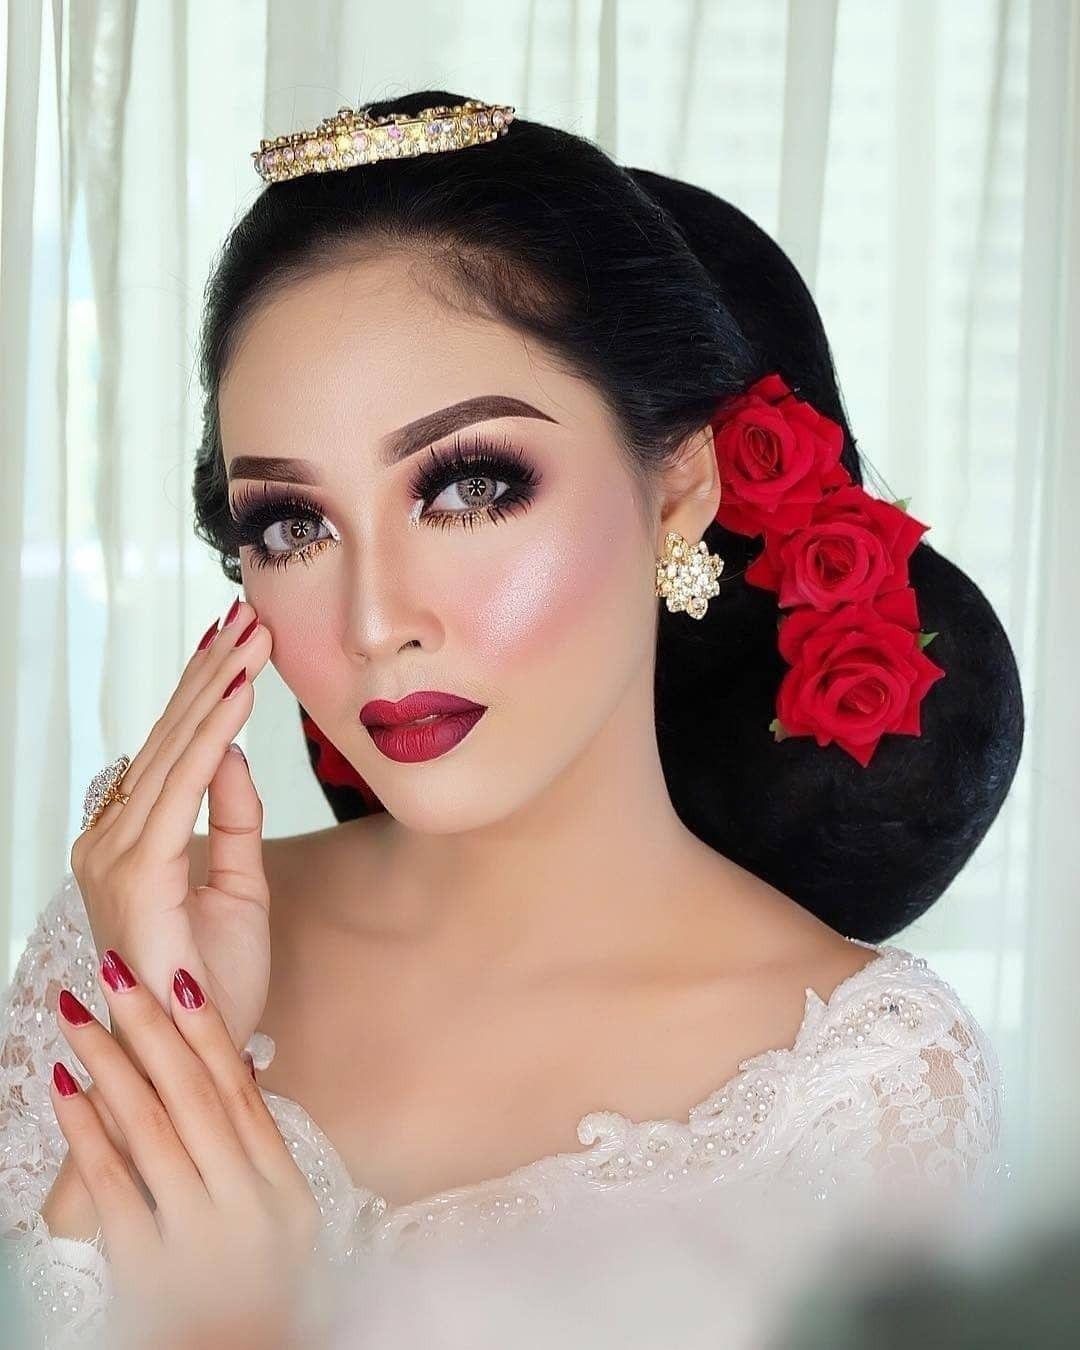 Pin oleh Siti Sopiah di Make up pengantin Kecantikan